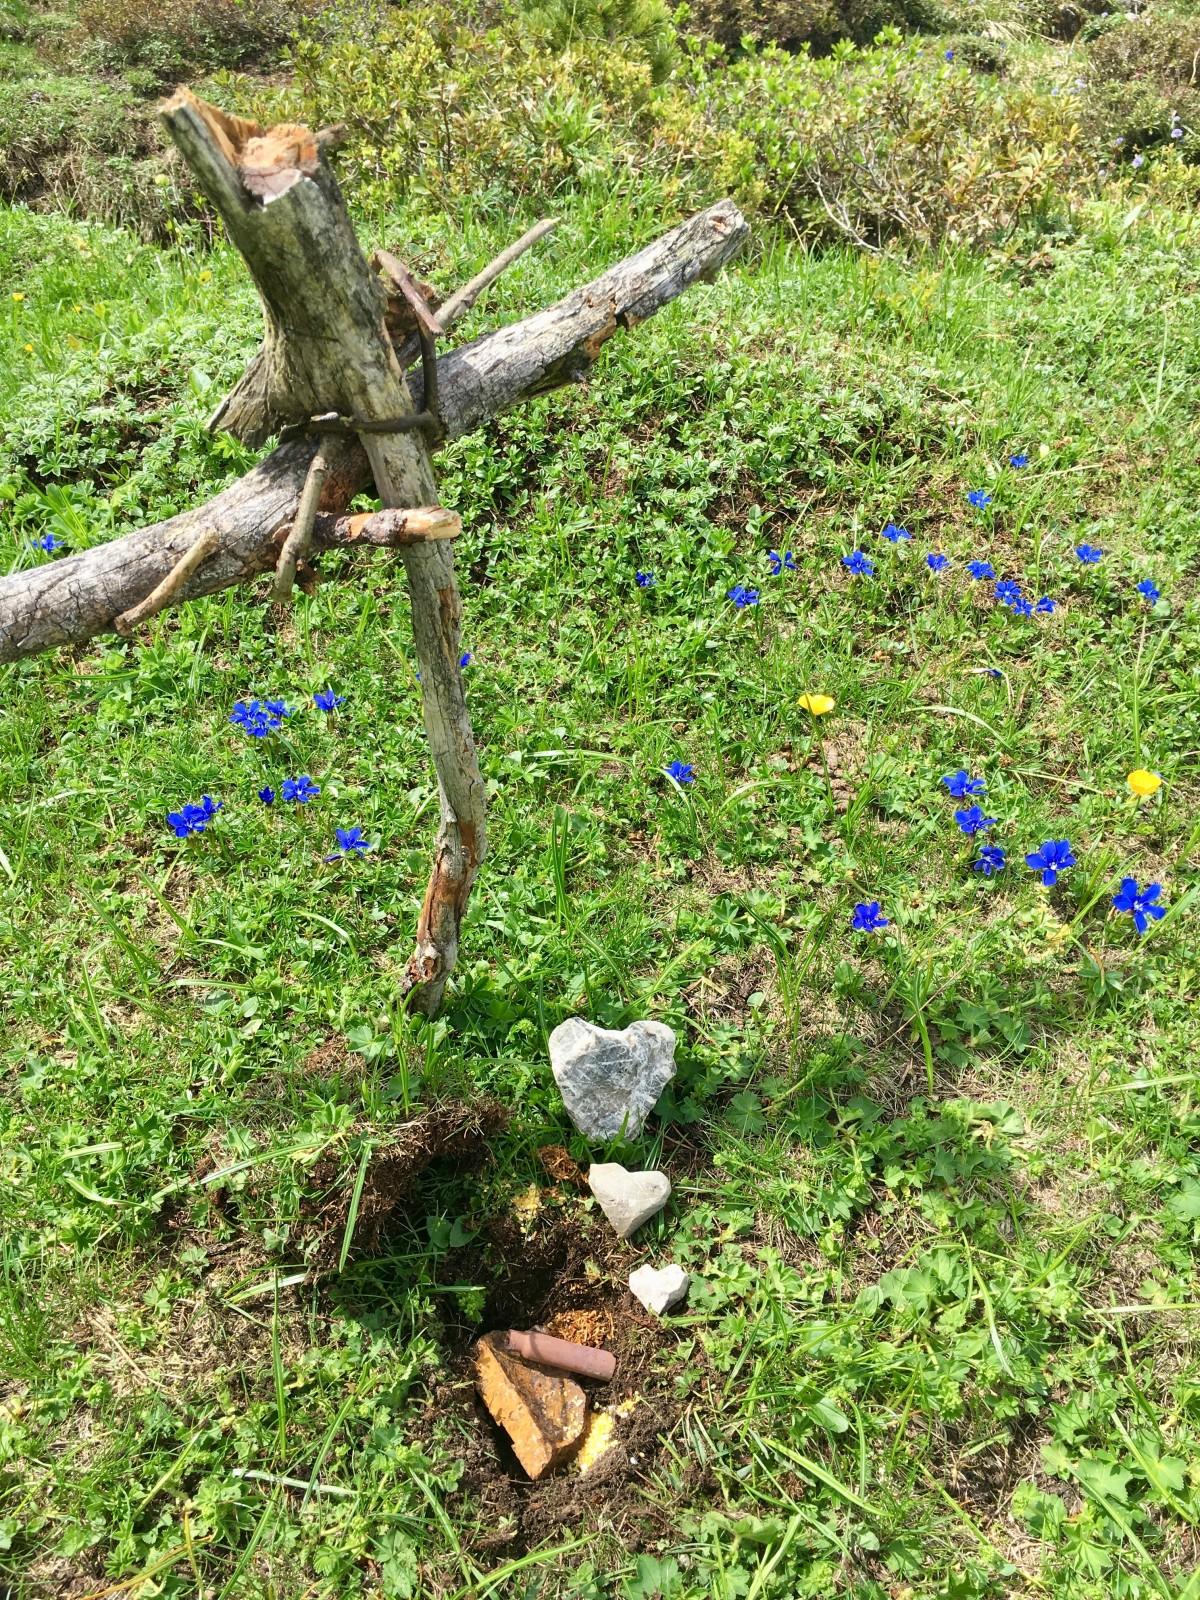 Heilmedizinwanderung - auf dem Weg gefundene Granatsplitter und Gewehrhülsen werden, stellvertretend für die Wunden, begraben